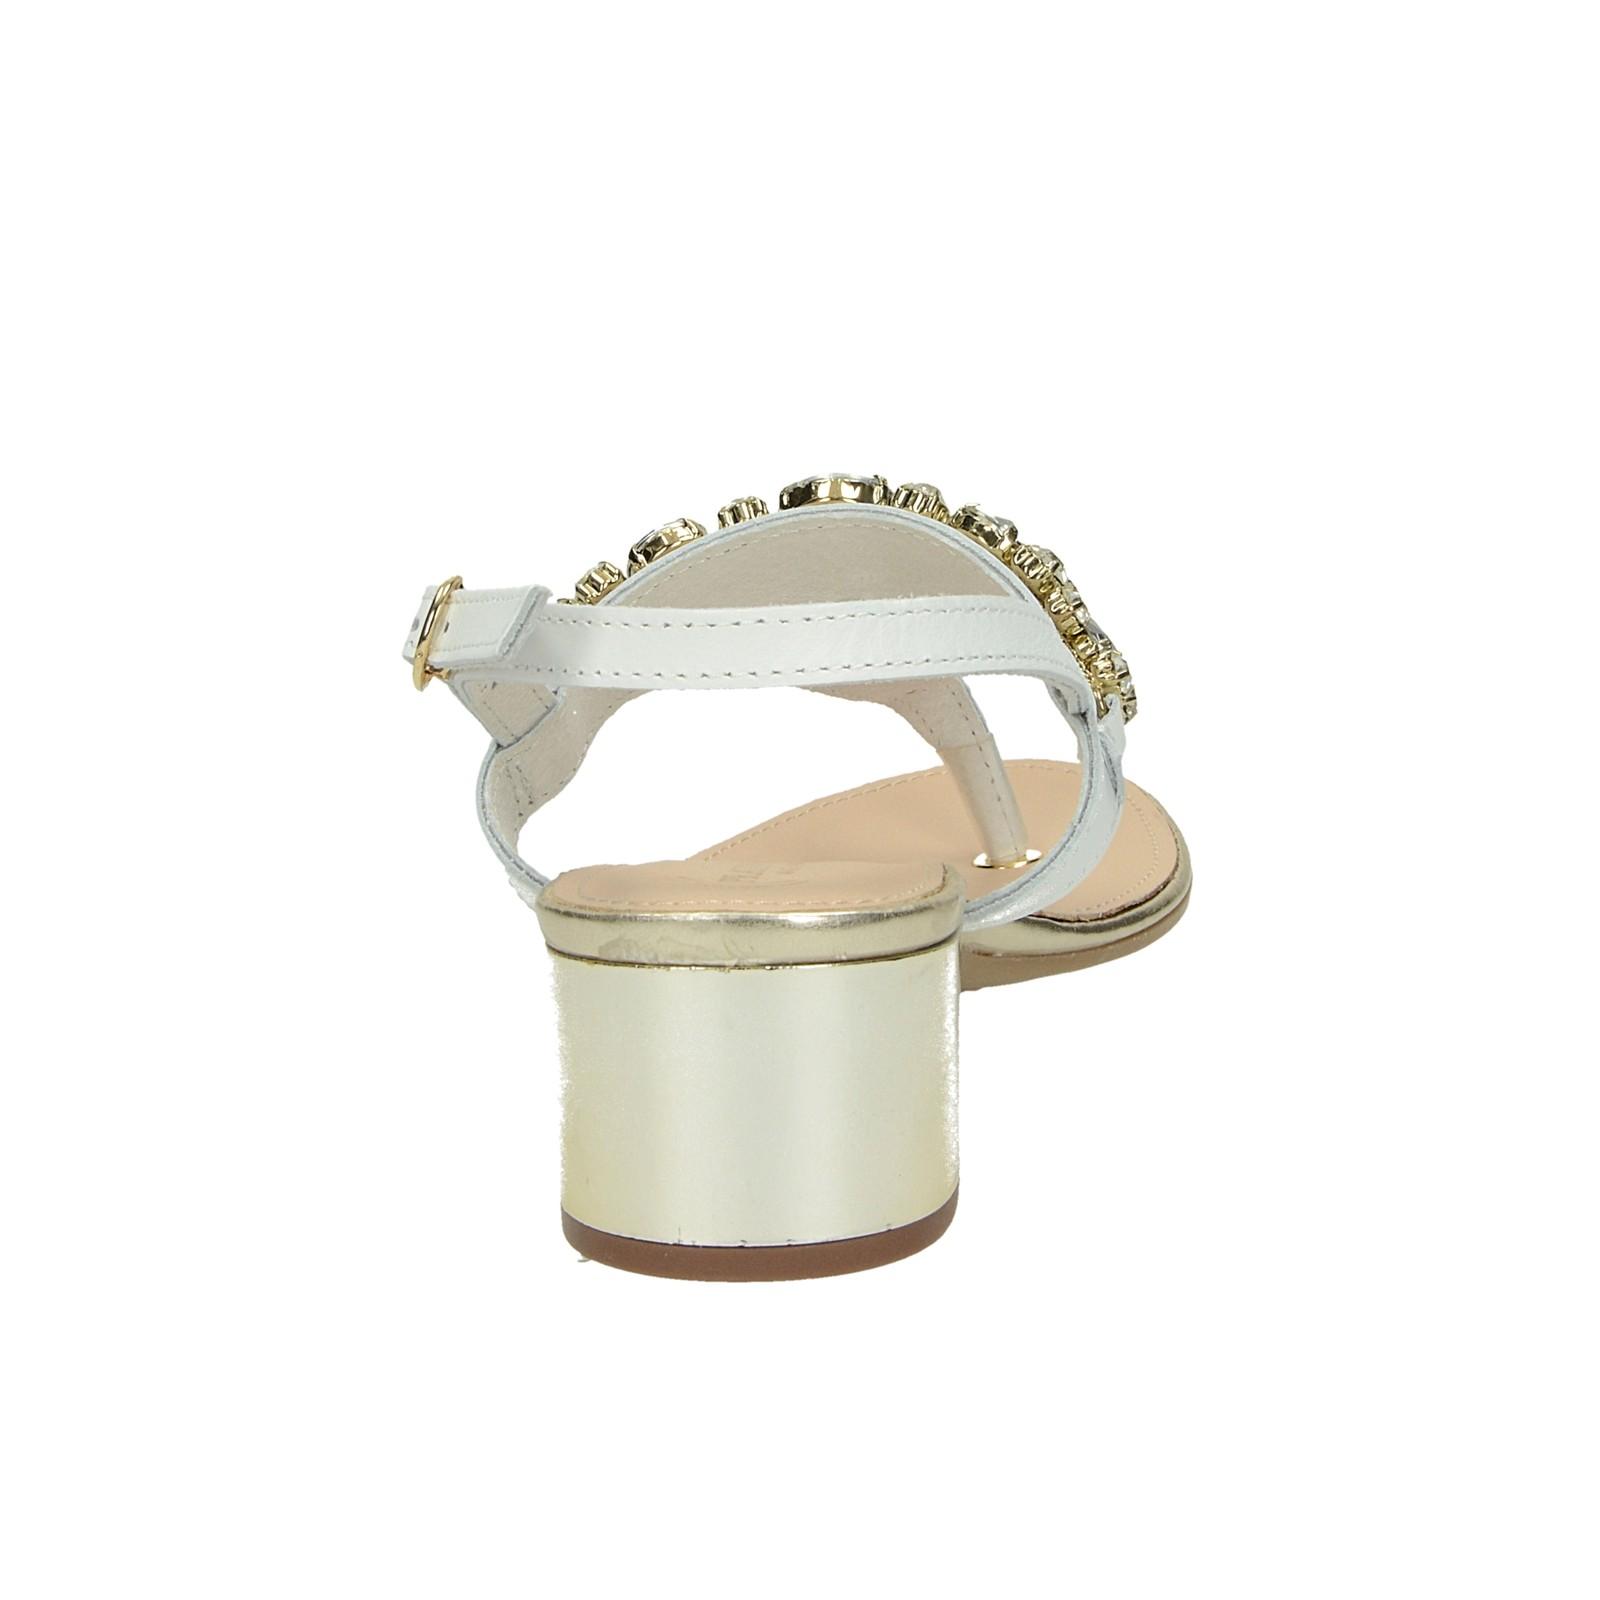 7d7c862649d3 ... Prati Verdi dámske elegantné sandále s ozdobnými kamienkami - biele ...